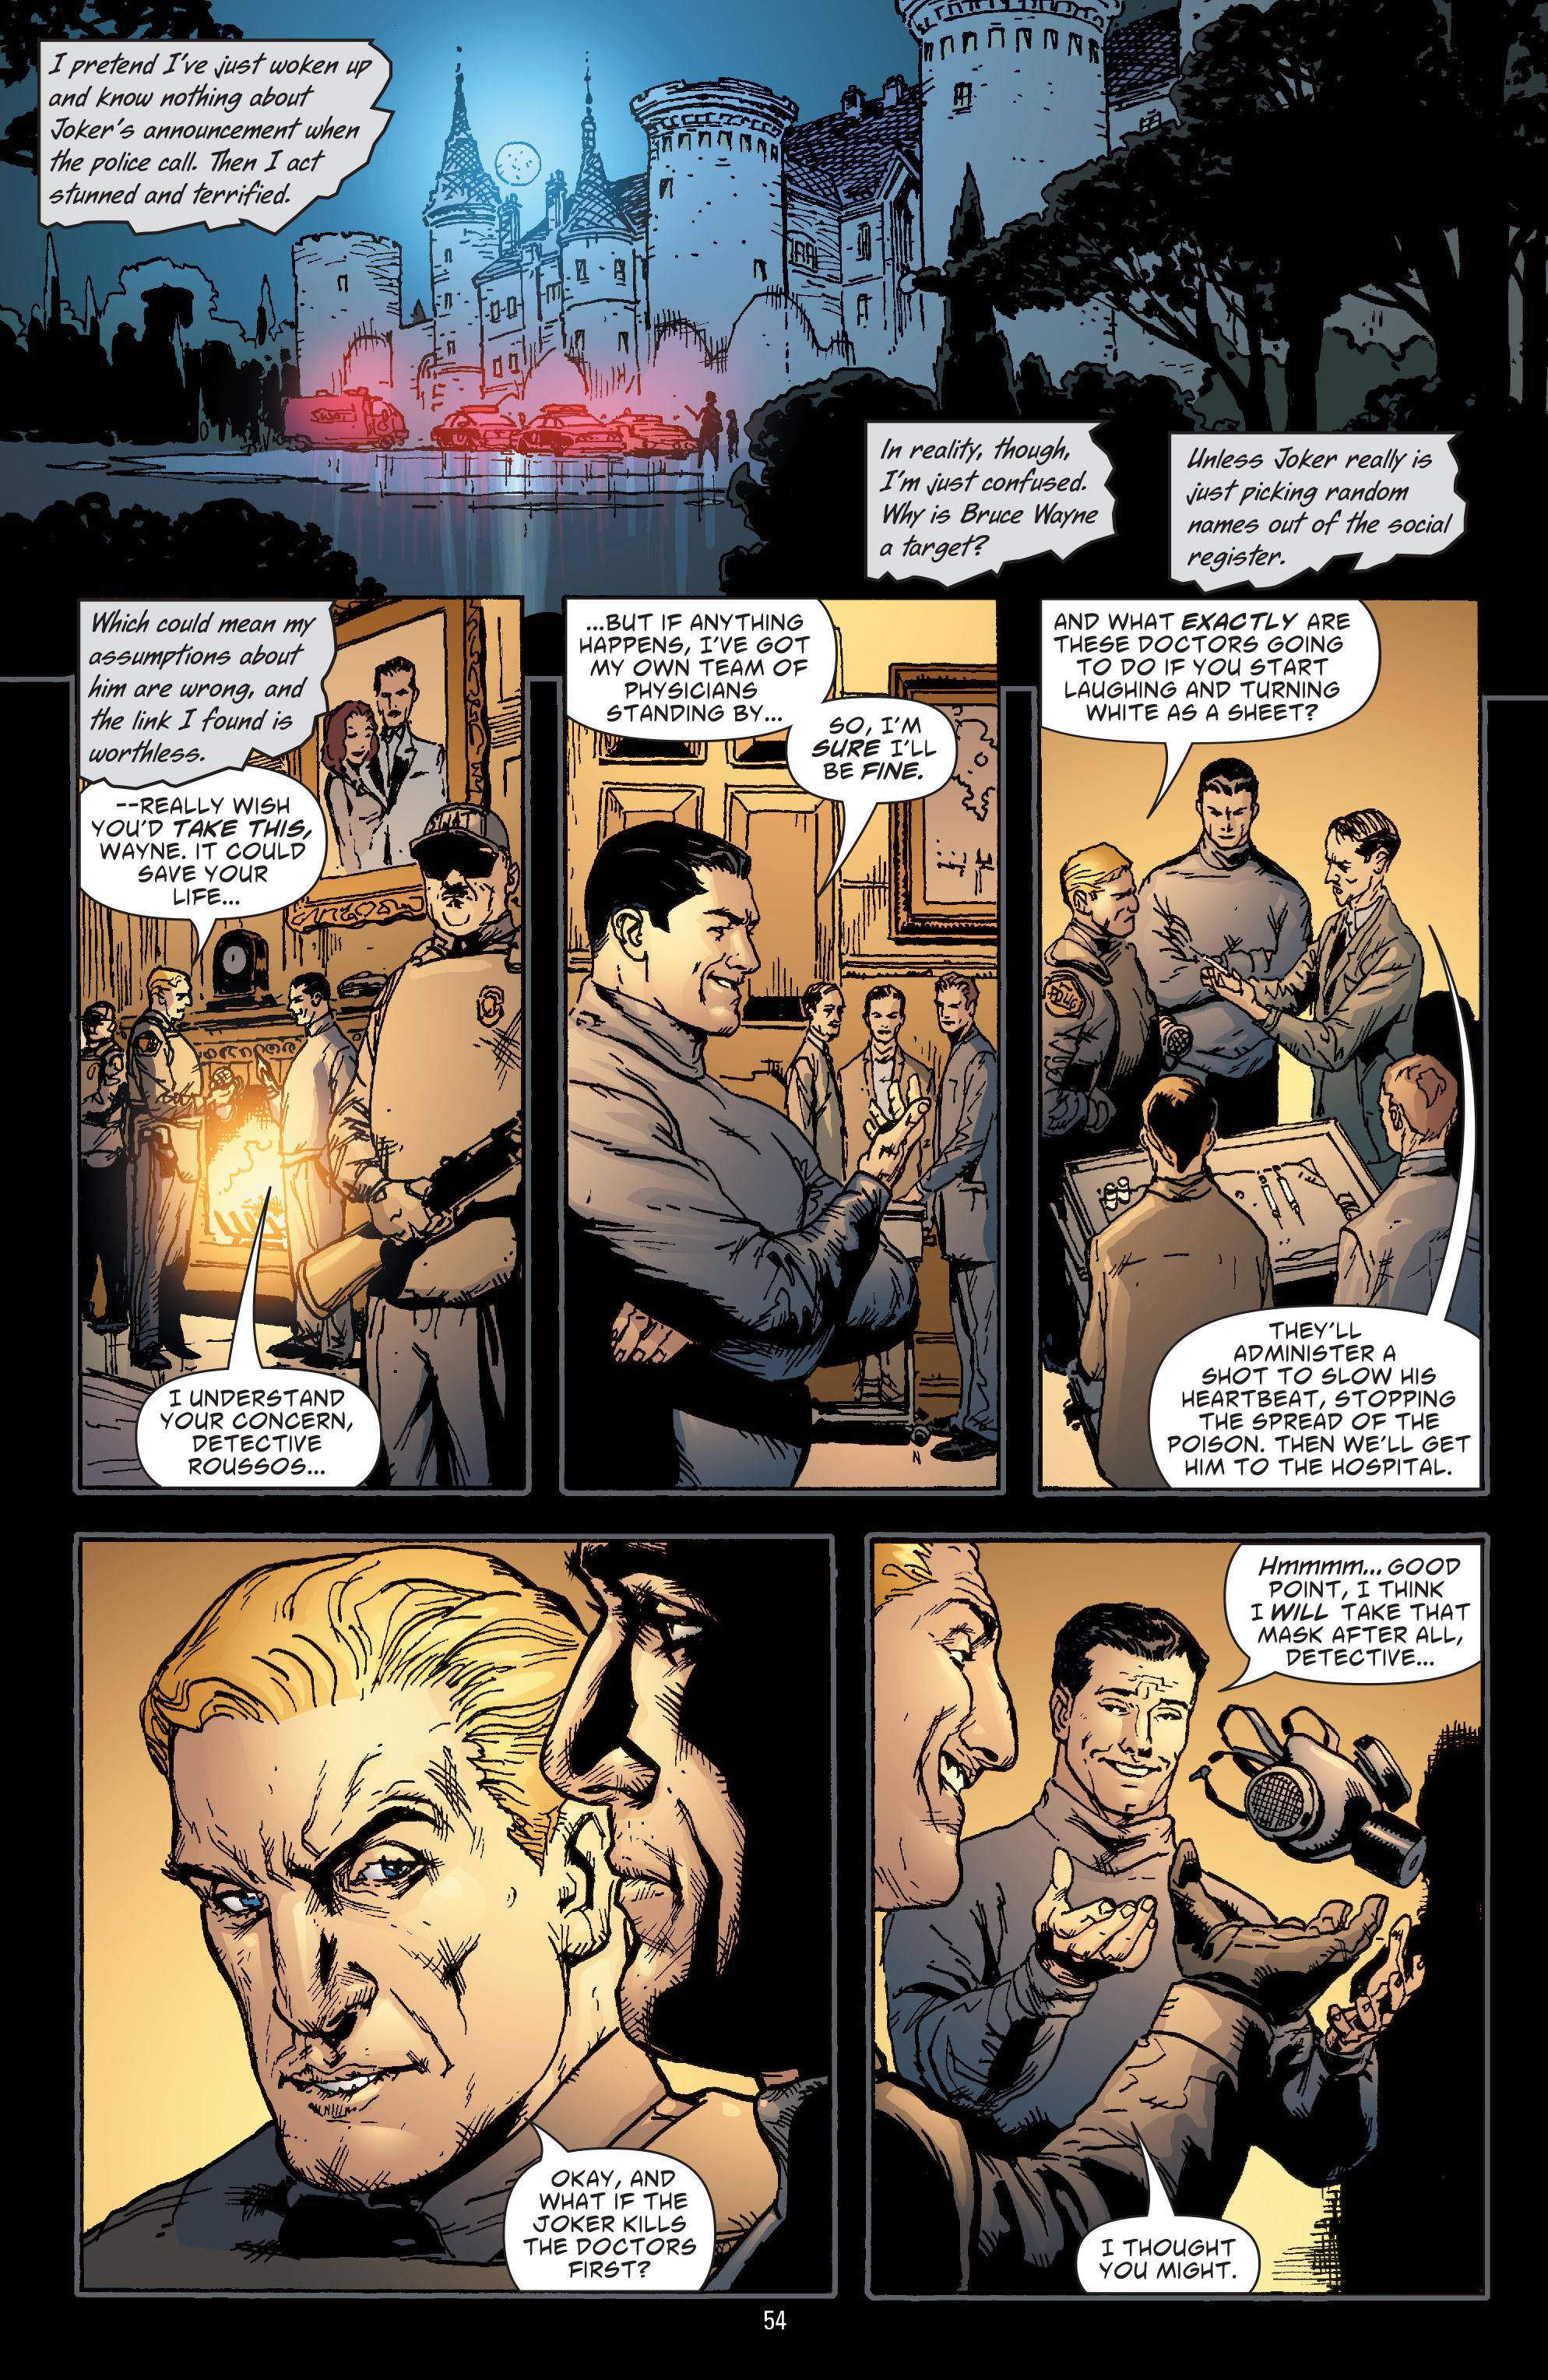 Psychology of Bruce Wayne VdOyCNBpNWDdiXVp3OKtFCIYWWIga-vHko6_AgWOjwyhBVJQZPHhys2LNBKC4H1tcMTAwvDBajwU=s0